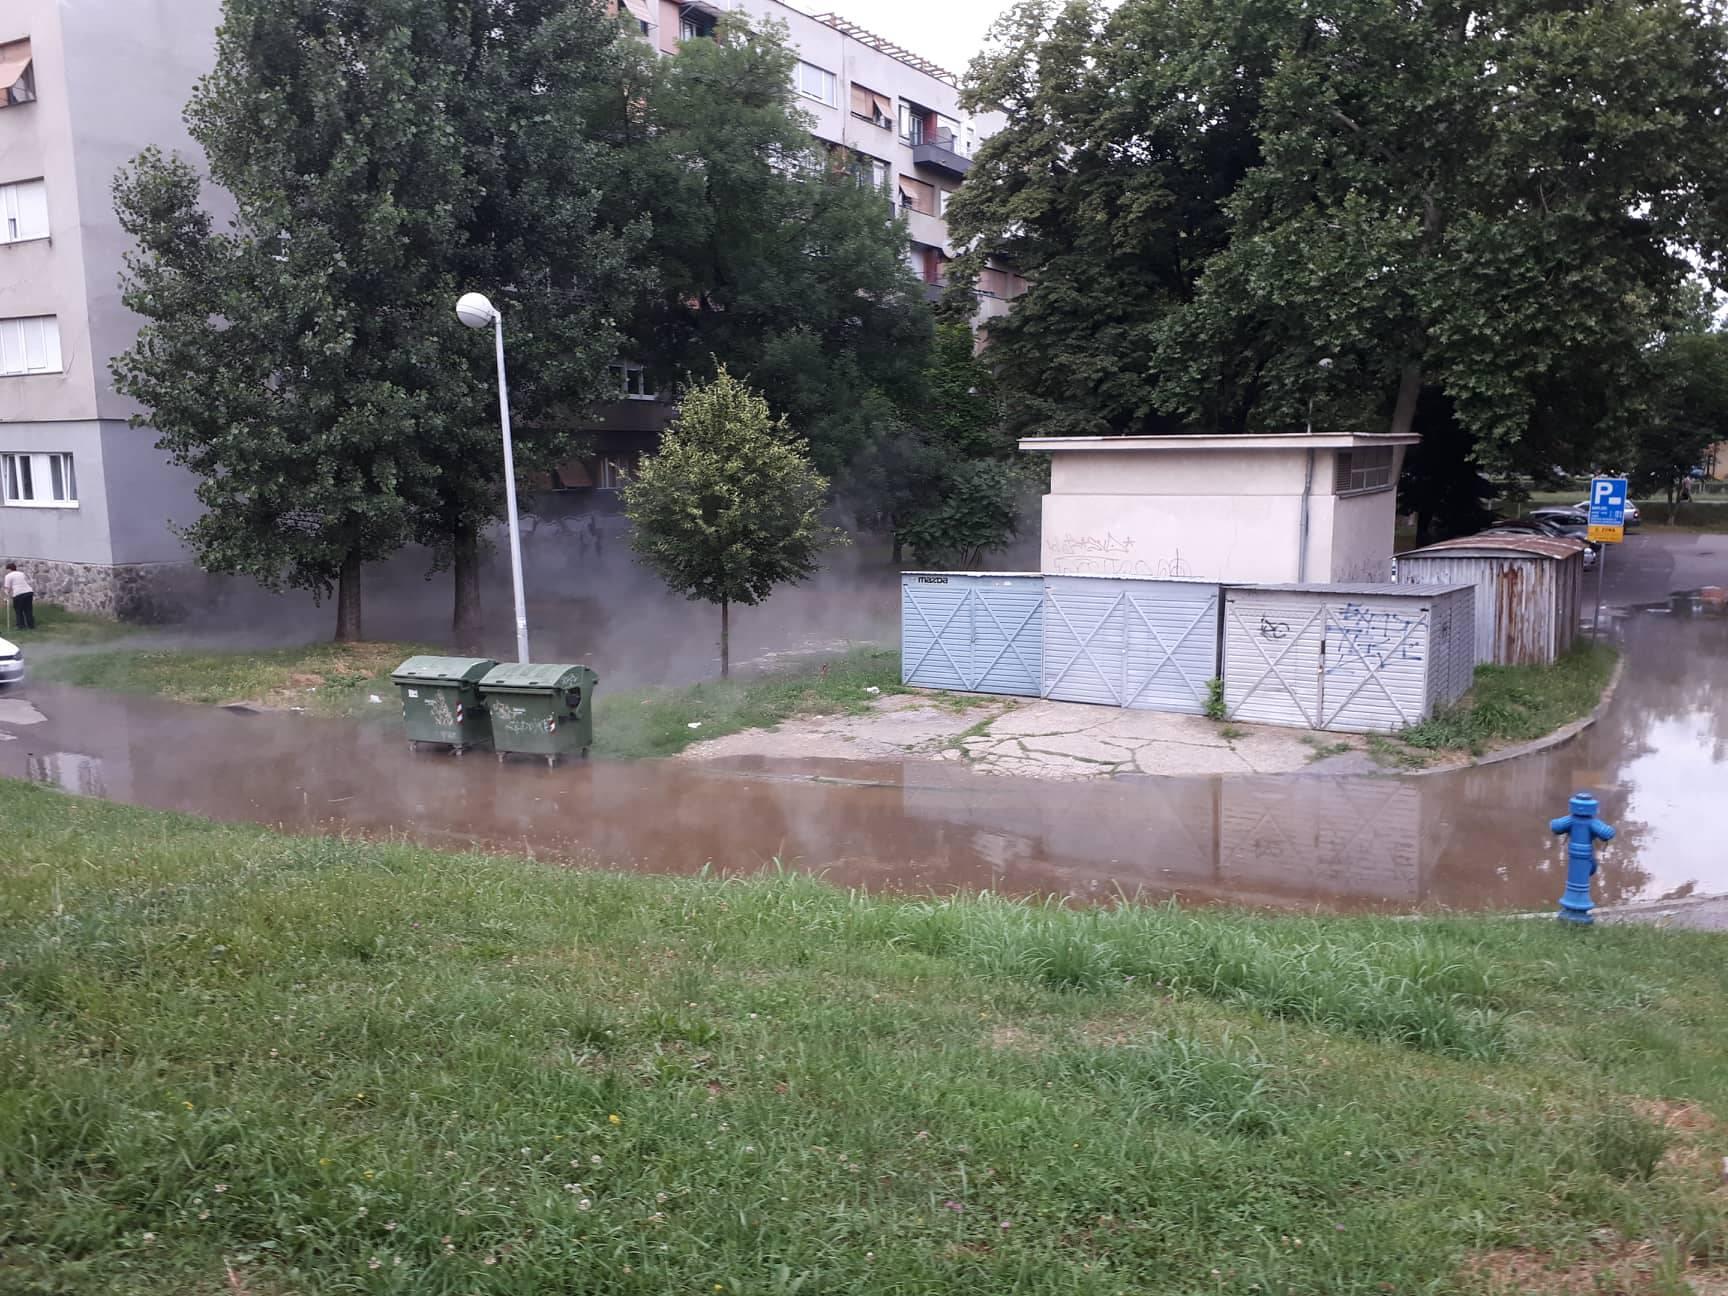 """U Držićevoj ulici puknula cijev vrelovoda: """"Izgleda strašno!"""""""